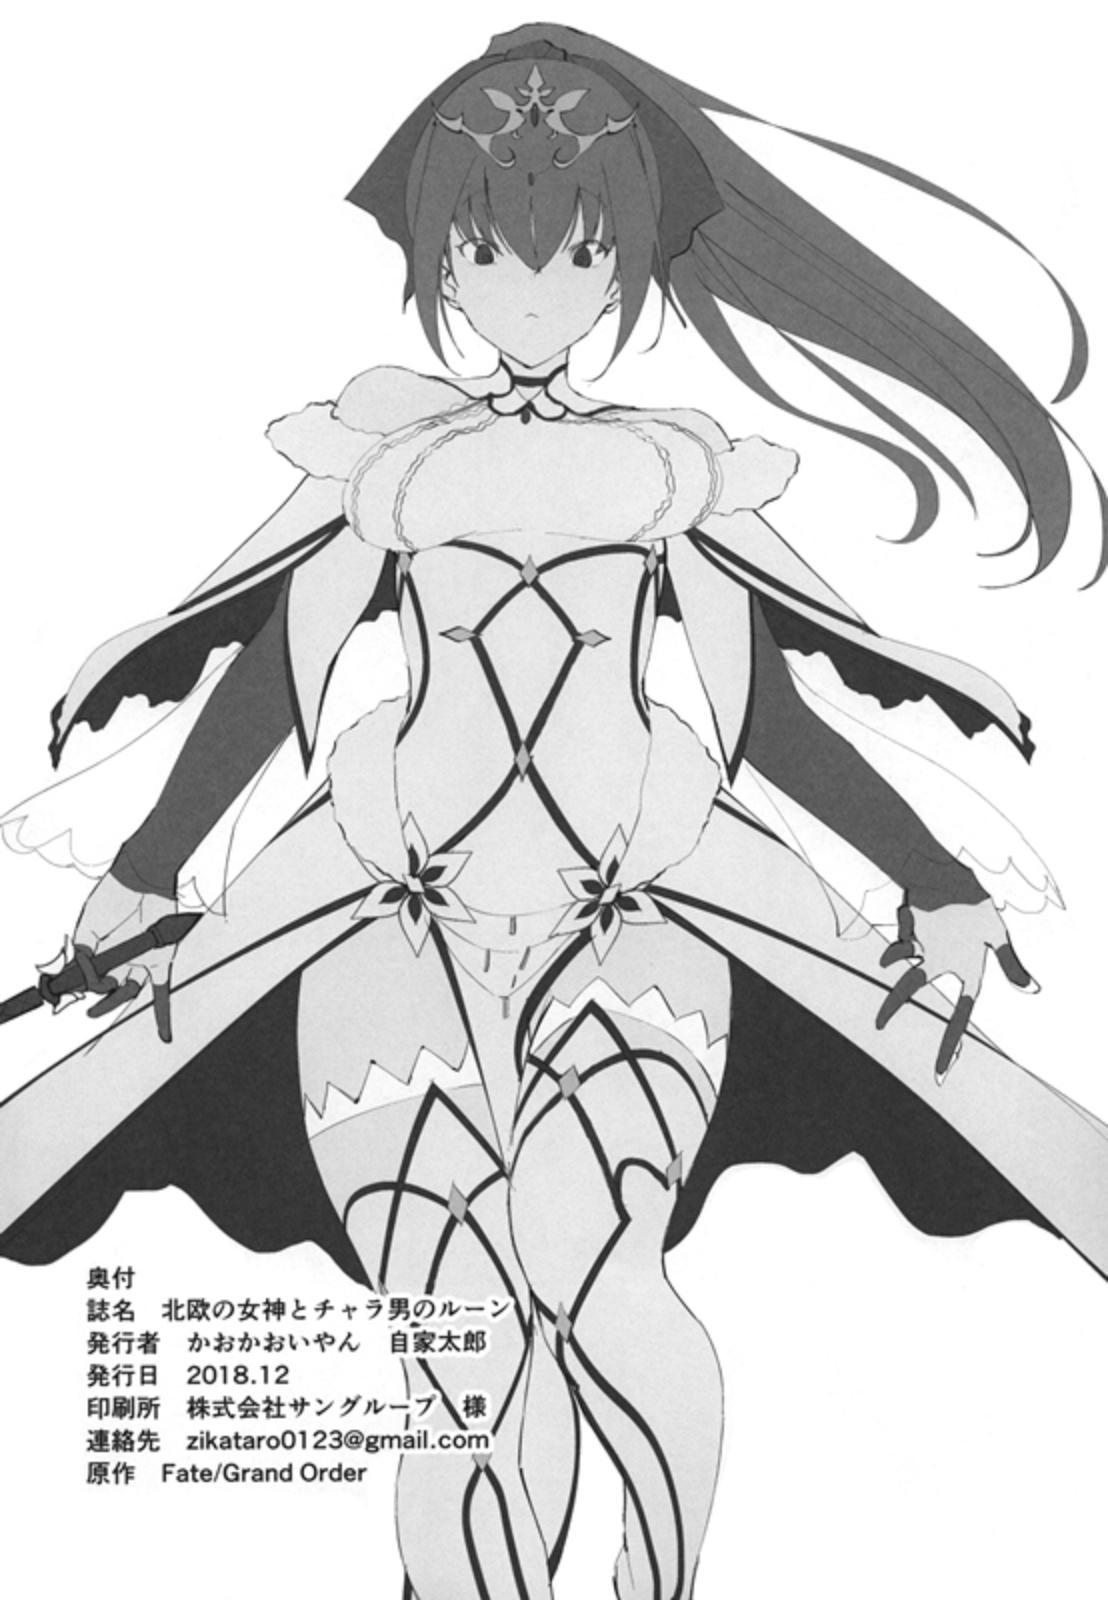 Hokuou no Megami to Charao no Rune 17